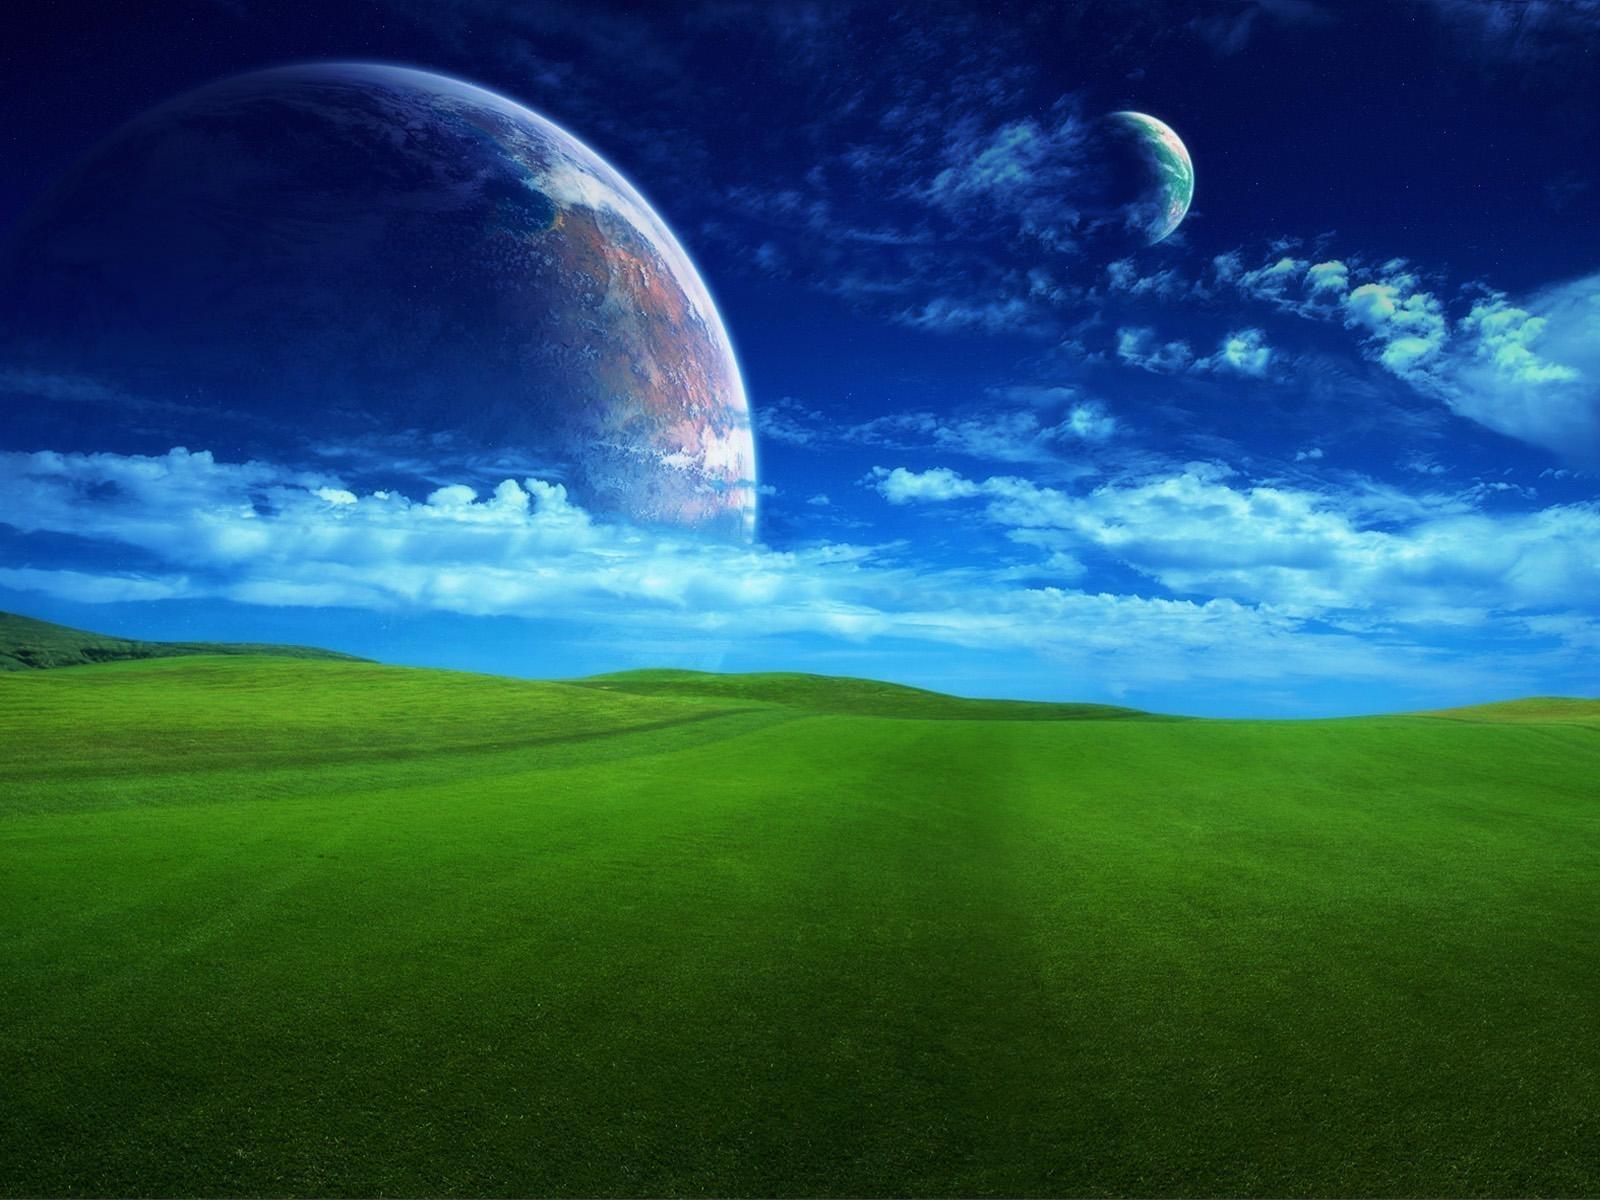 6290 Заставки и Обои Планеты на телефон. Скачать Планеты, Пейзаж, Небо картинки бесплатно